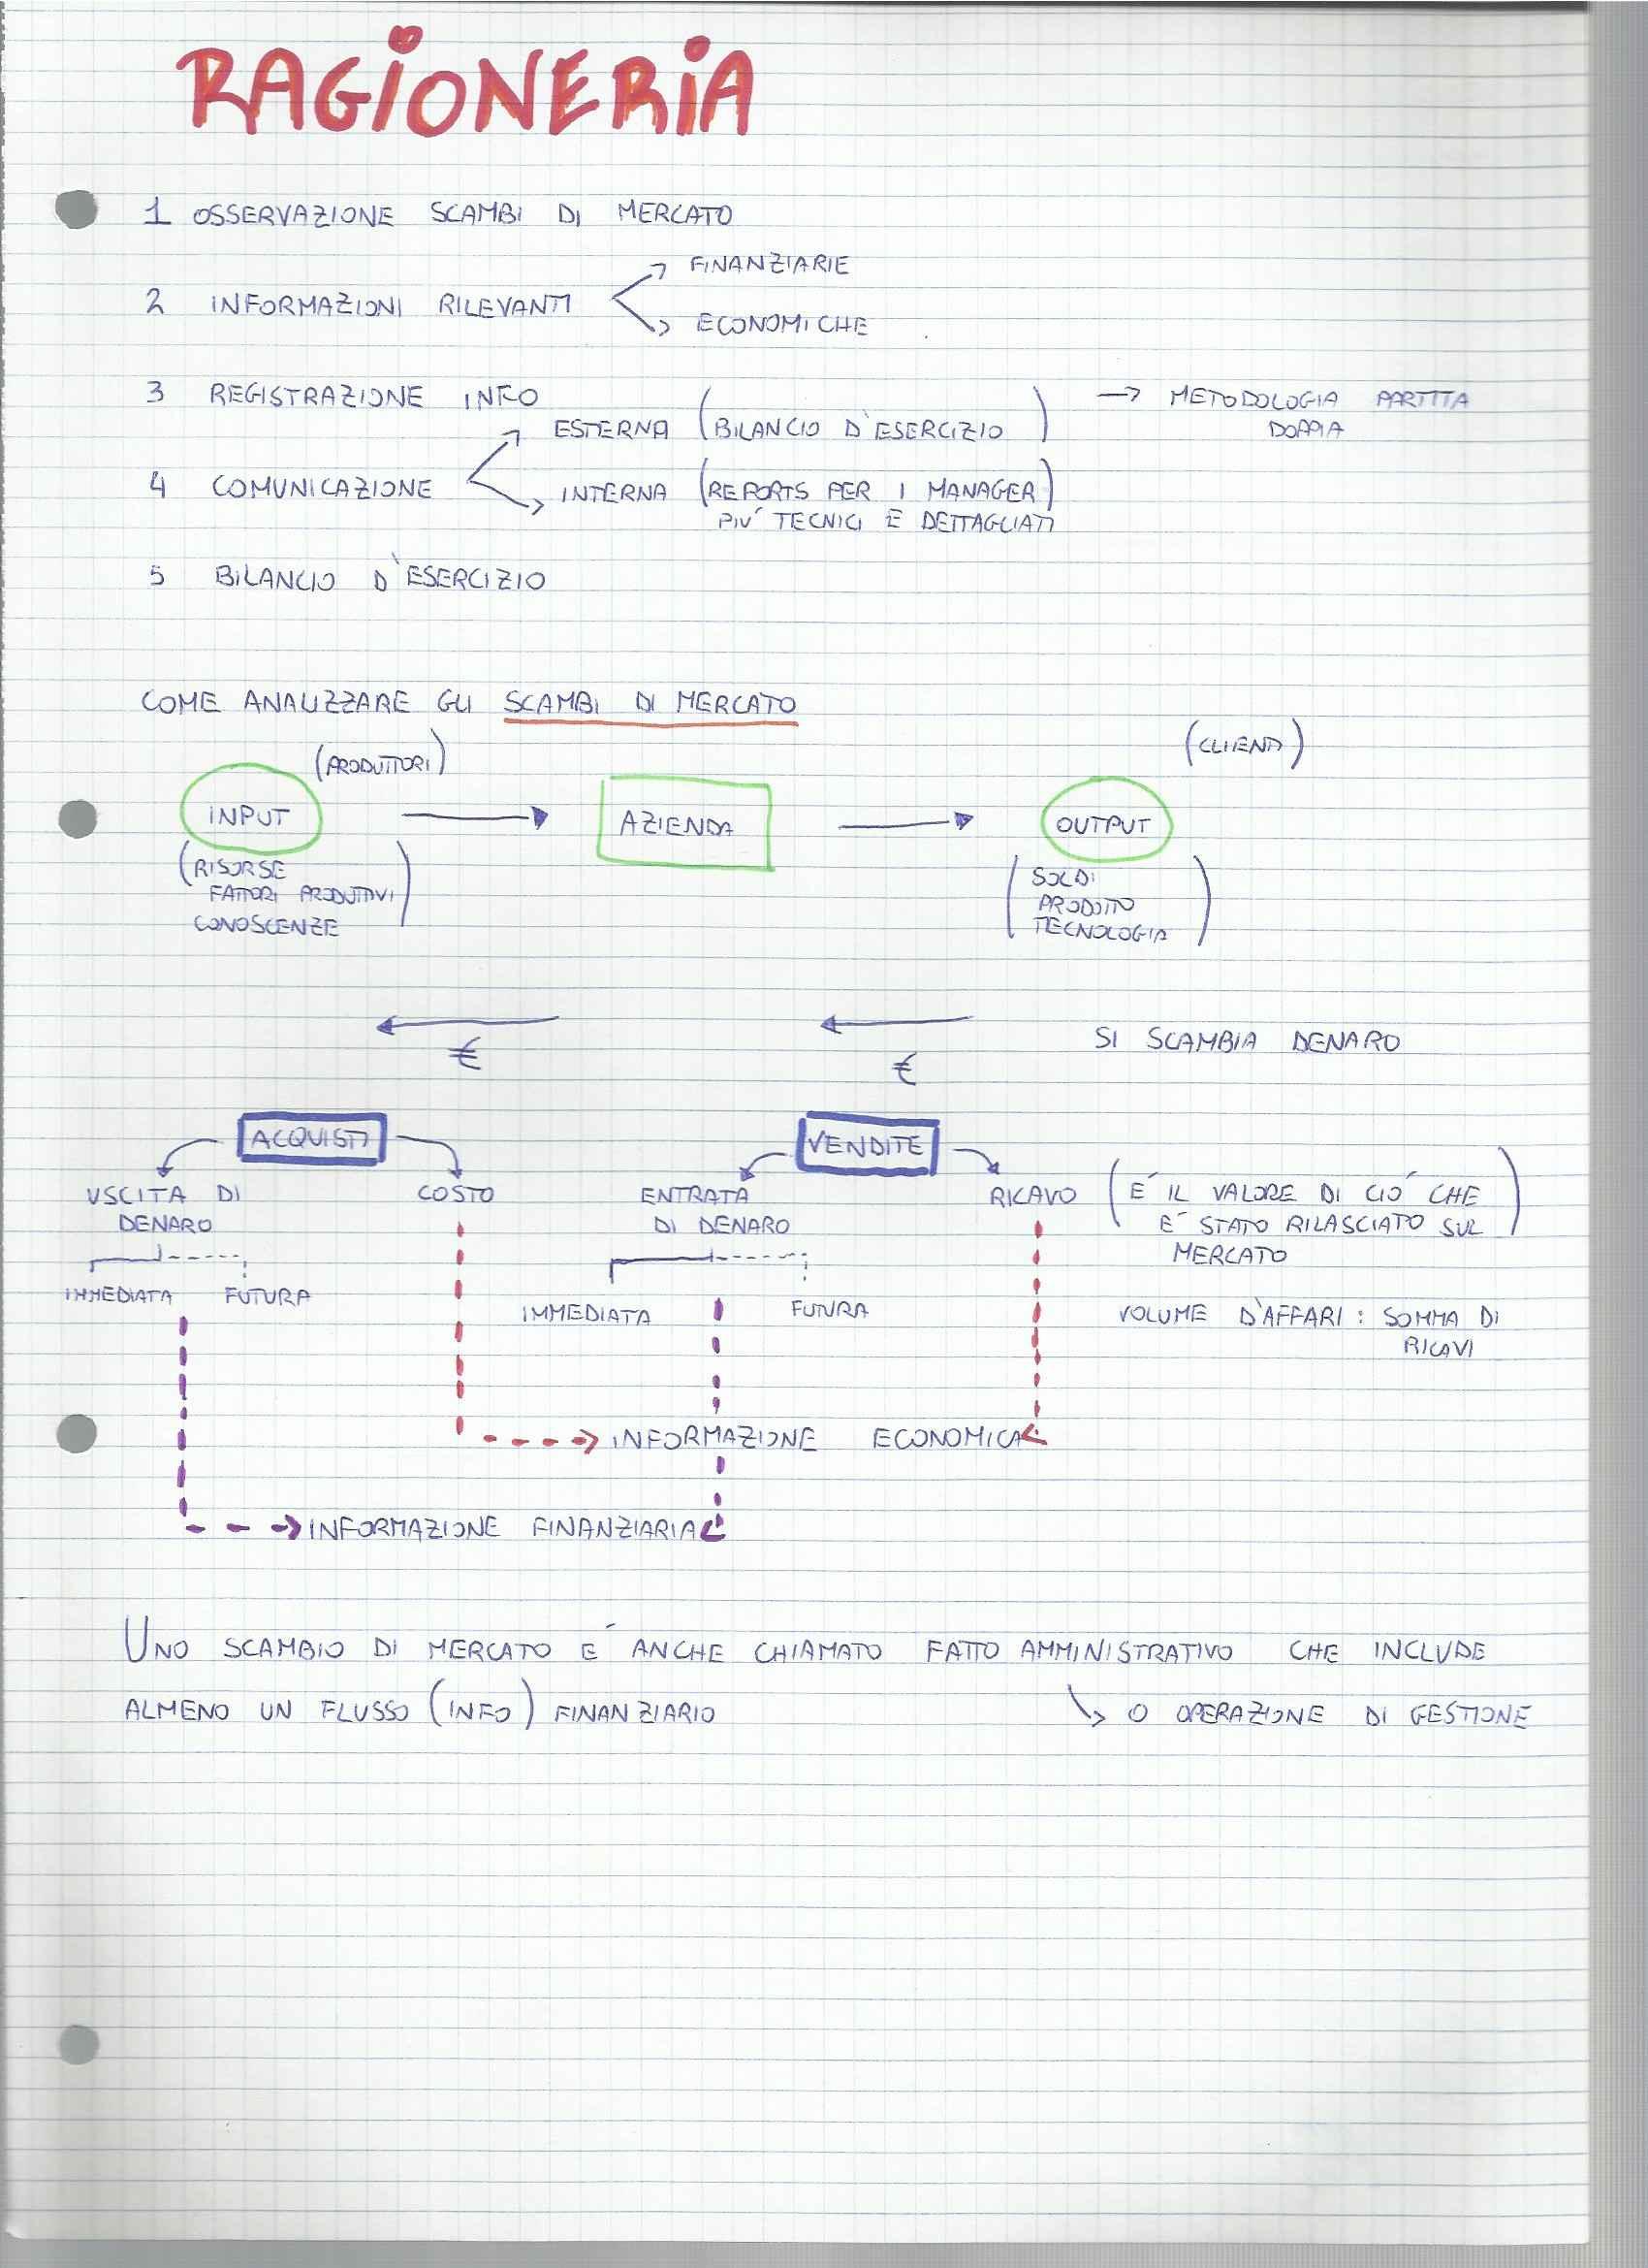 Economia aziendale - ragioneria Pag. 1